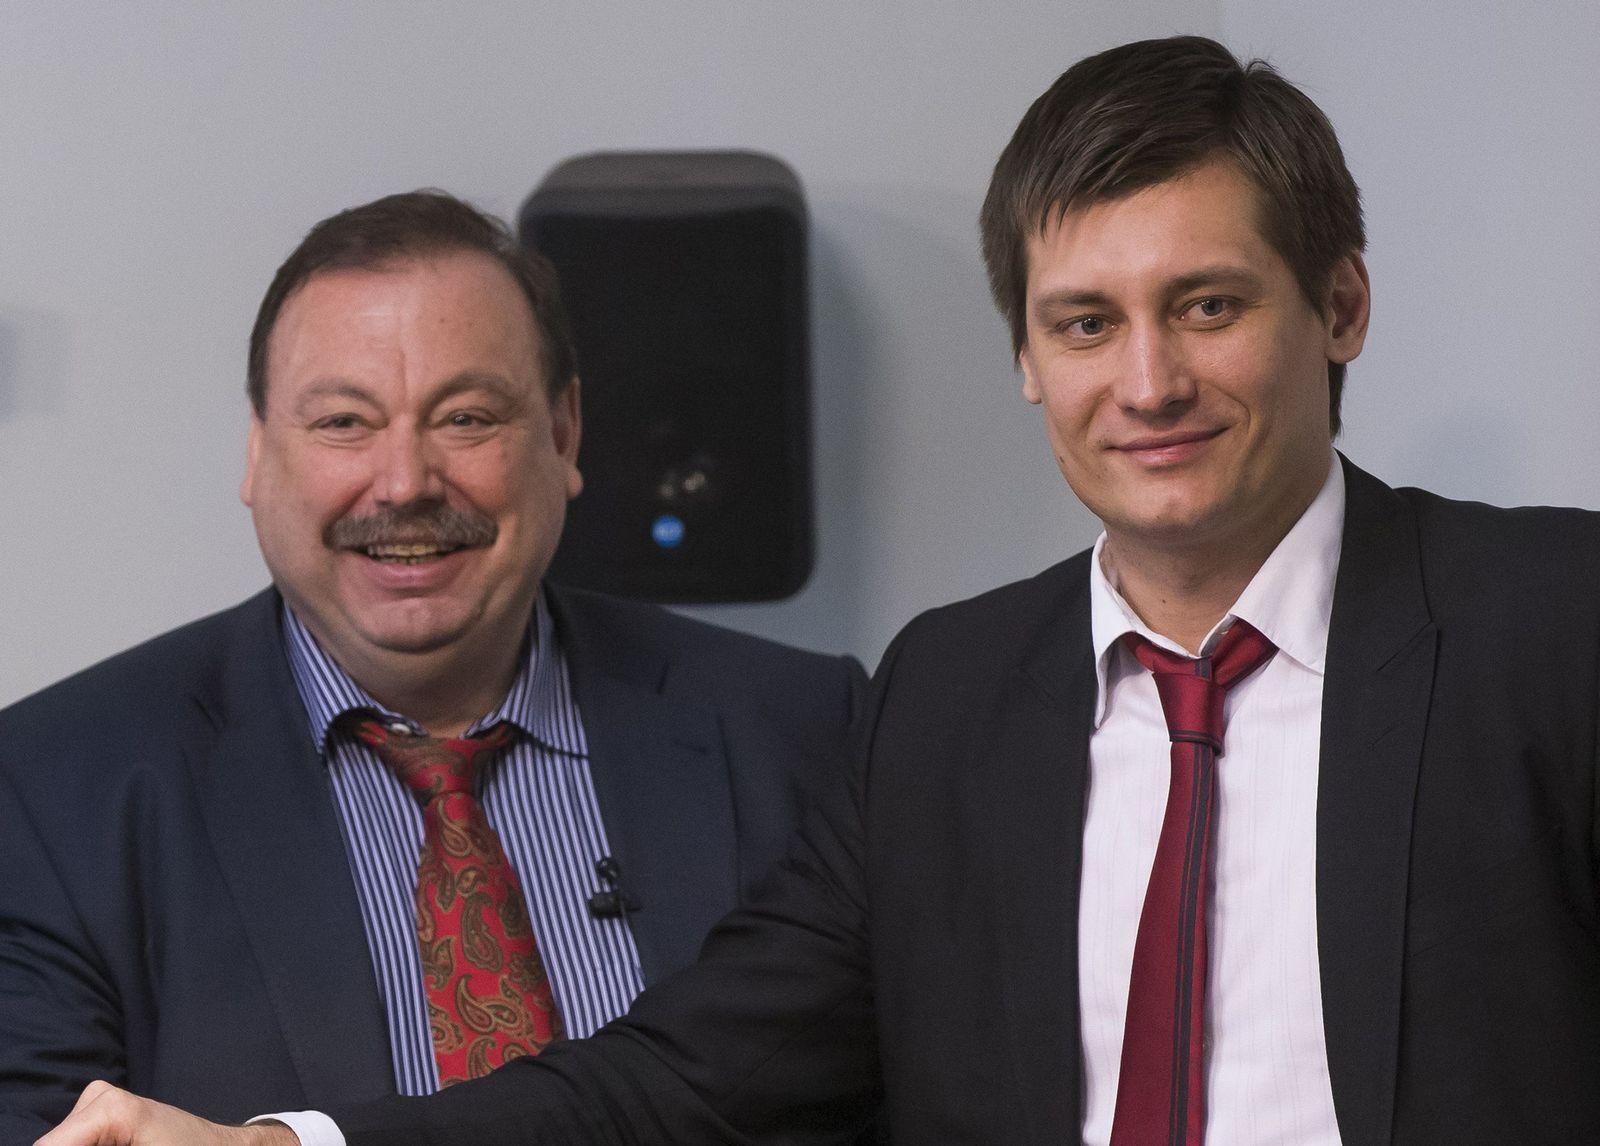 Gennady Gudkov / Dmitry Gudkov